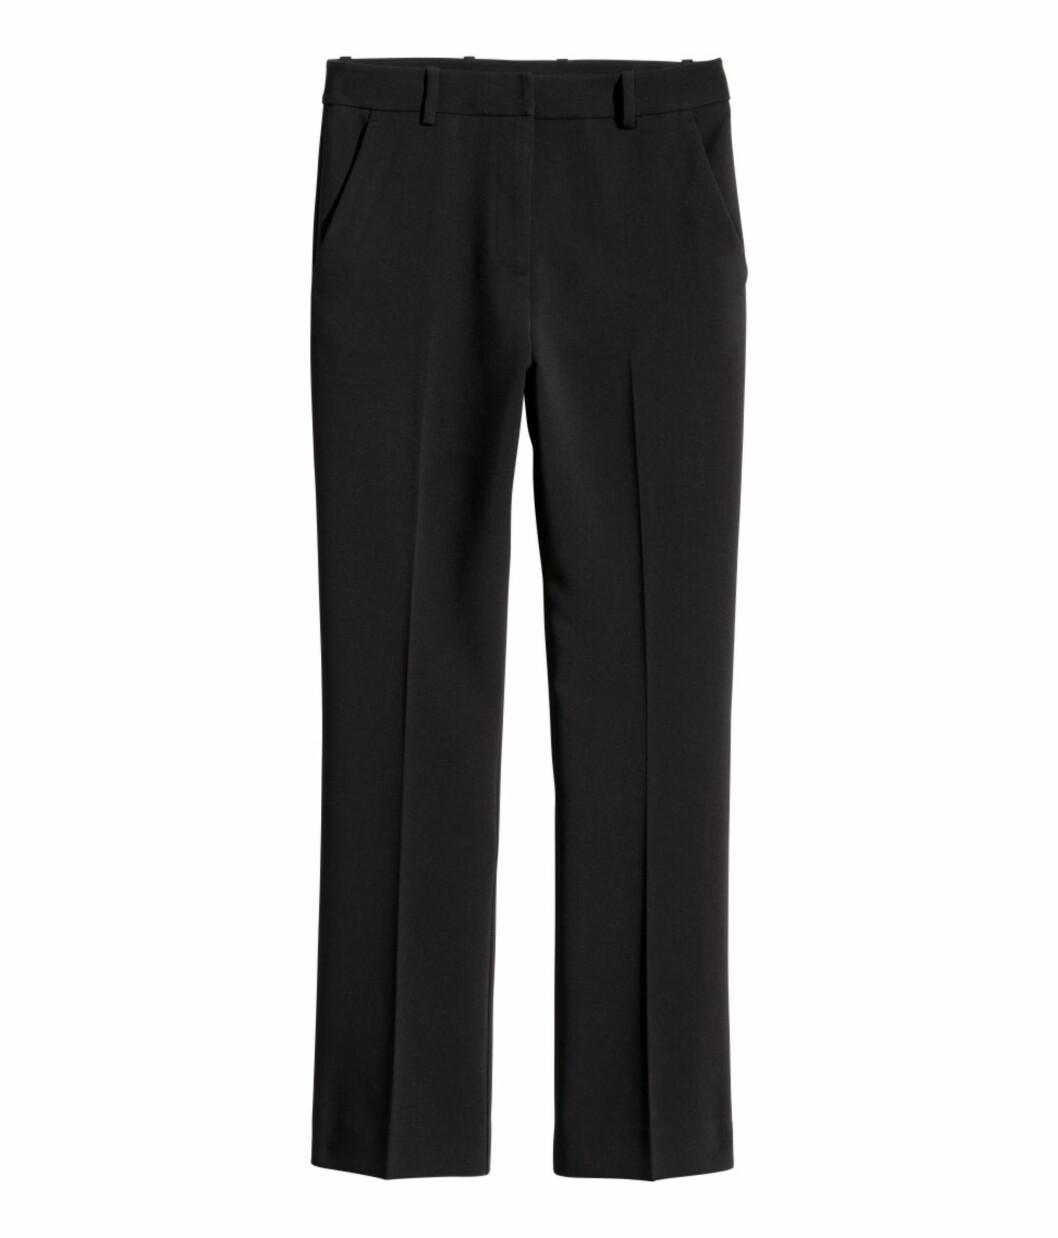 Bukse fra H&M, kr 149,50. Foto: Produsenten